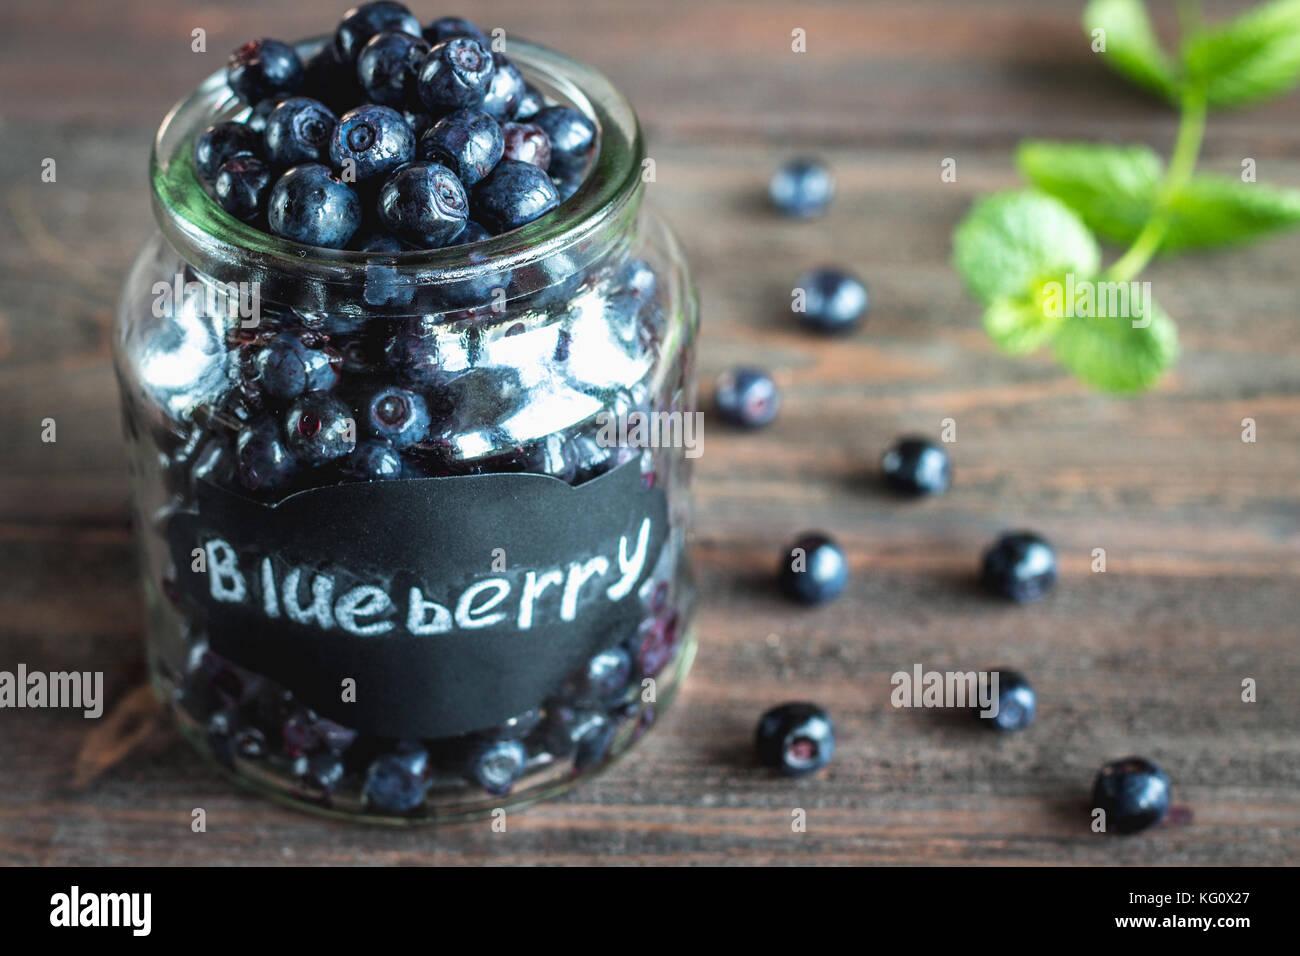 Mirtillo antiossidante super organico in un vaso concept per una sana alimentazione e nutrizione Immagini Stock